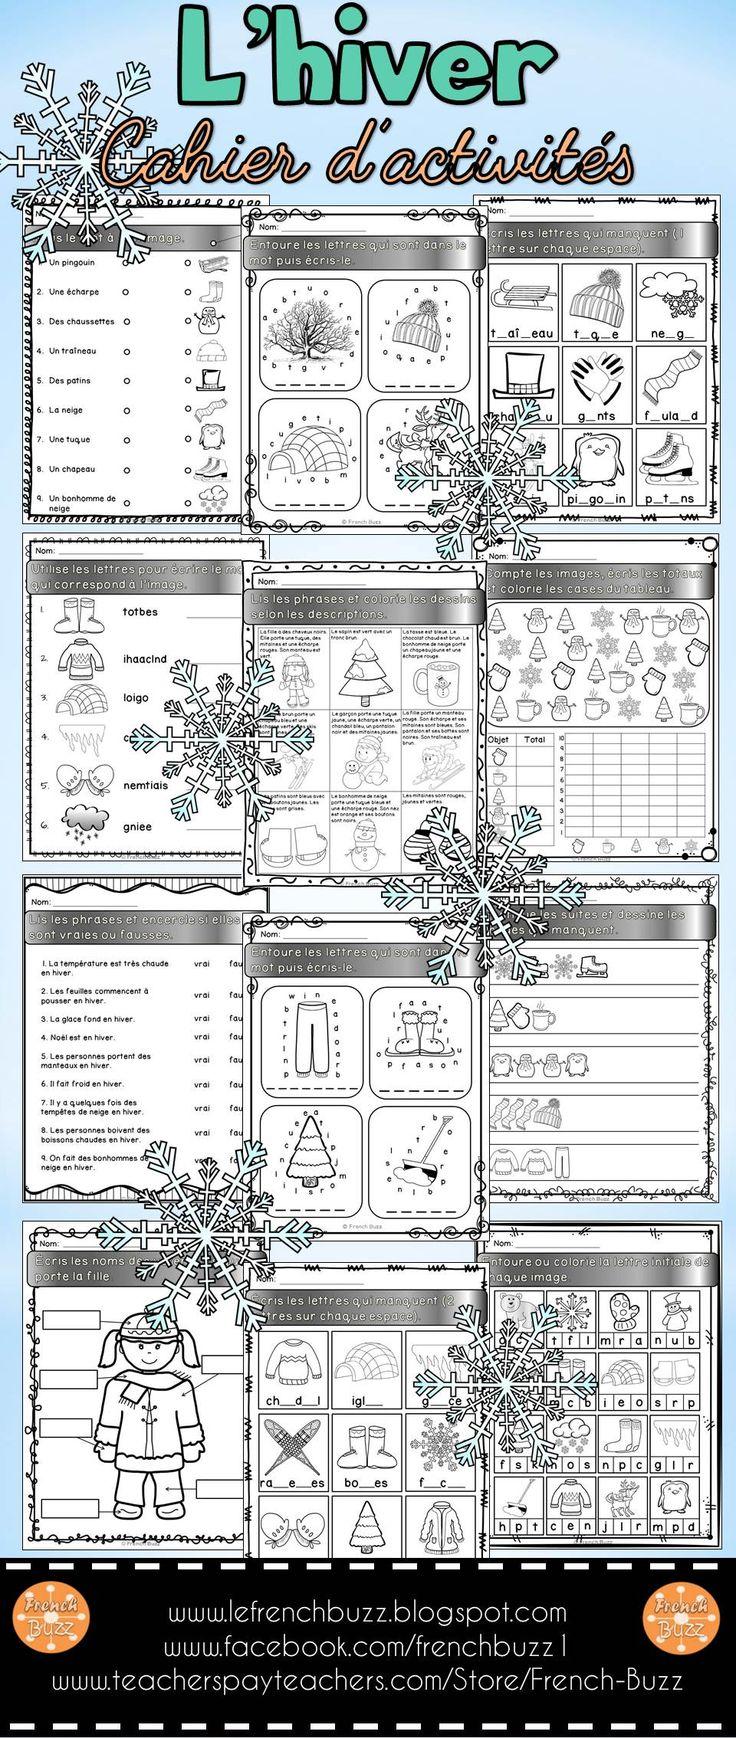 L'hiver - cahier d'activités de l'élève. 14 pages d'activités de littératie et de numératie pour pratiquer le vocabulaire de l'hiver tout en s'amusant.